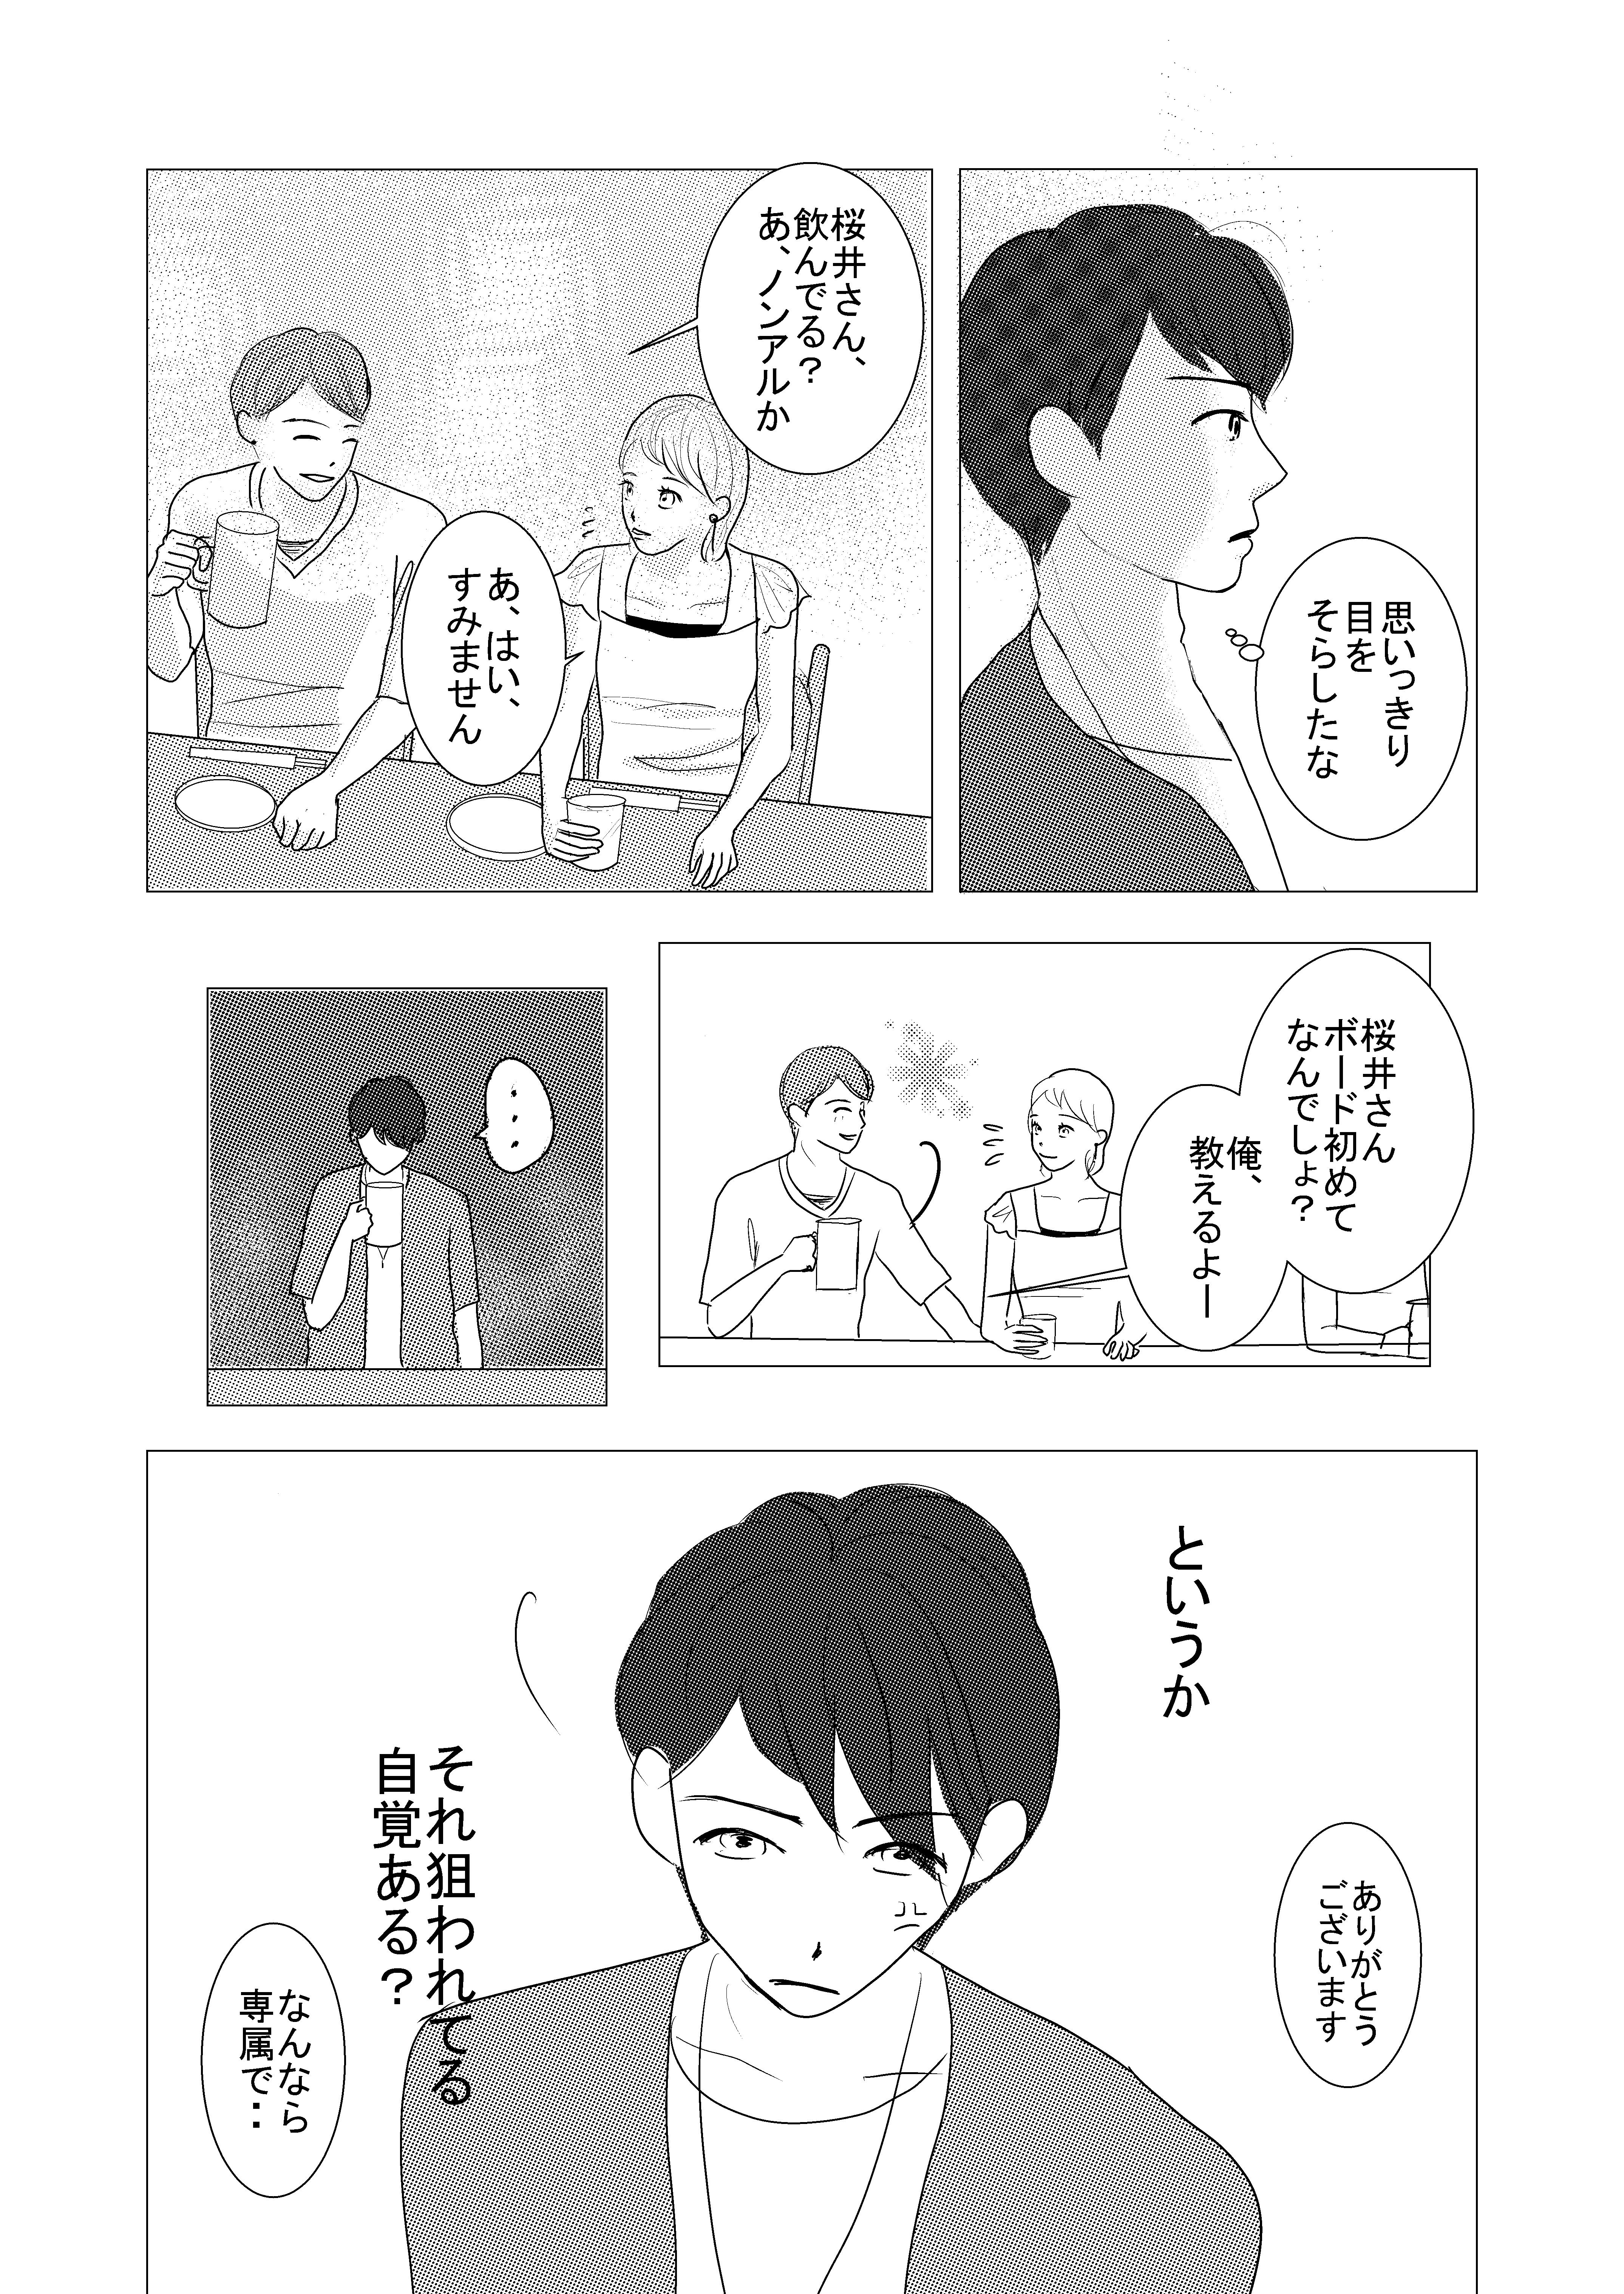 恋愛漫画/イケメン/大学生/社会人/大学生で初めて付き合う/初めての彼氏/shoujyo manga/米加夢/61ページ